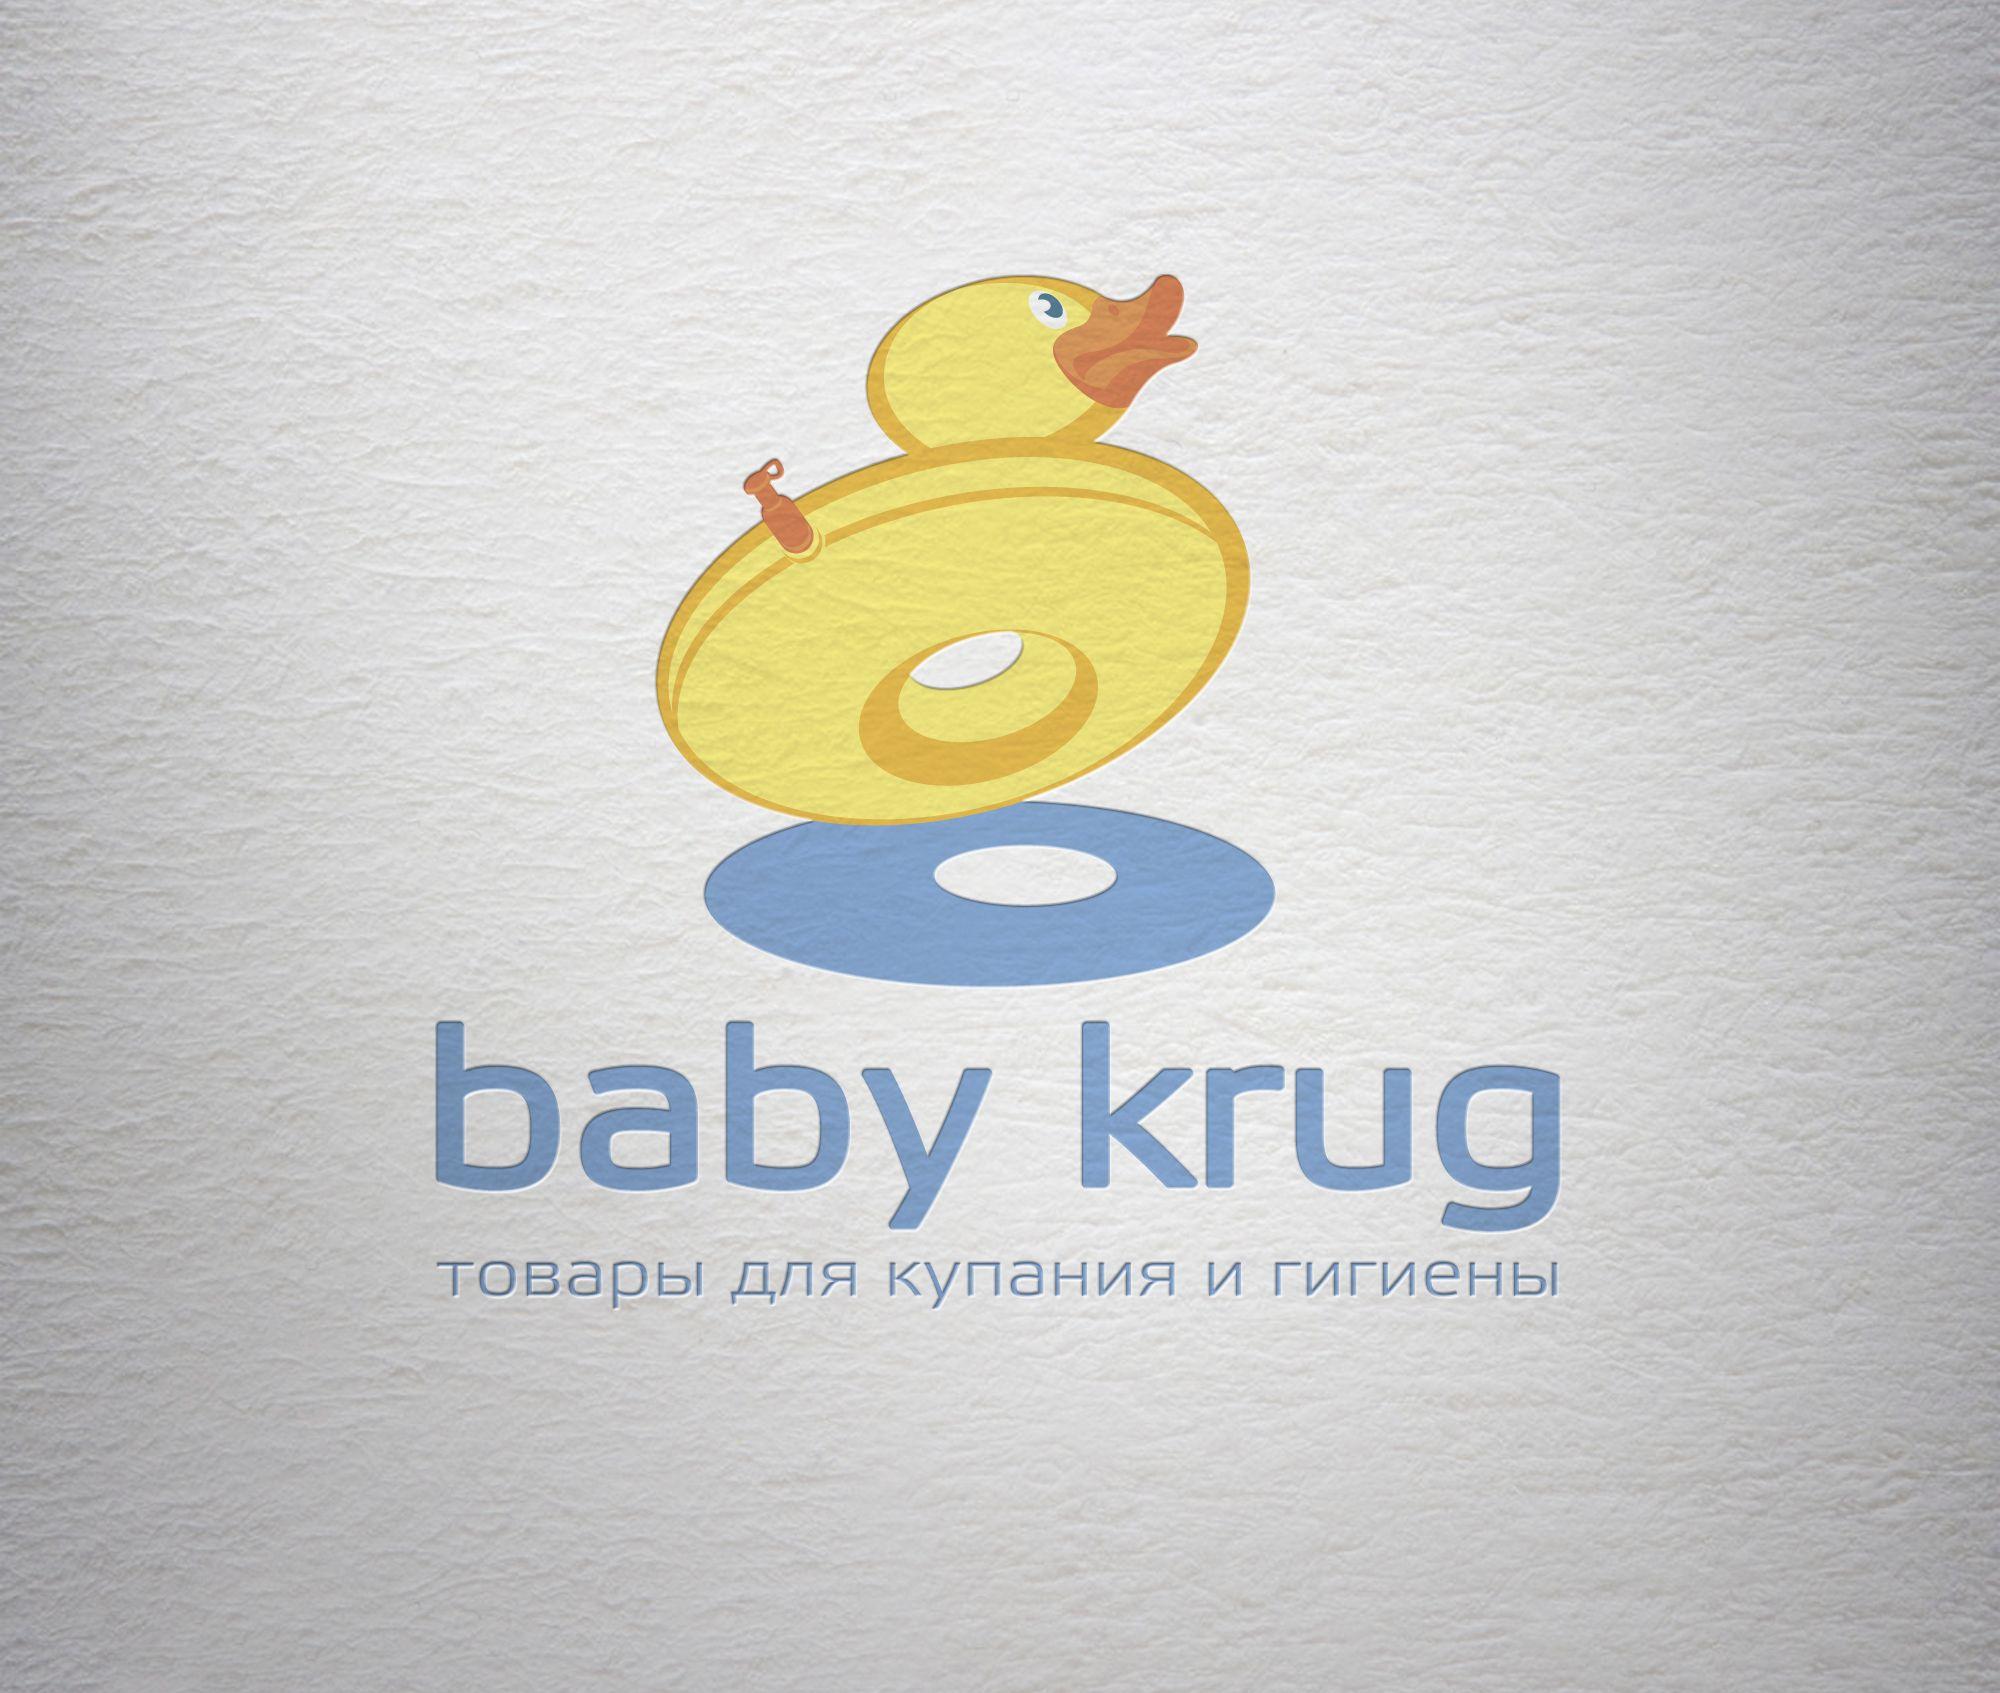 Логотип для компании - дизайнер hotmart